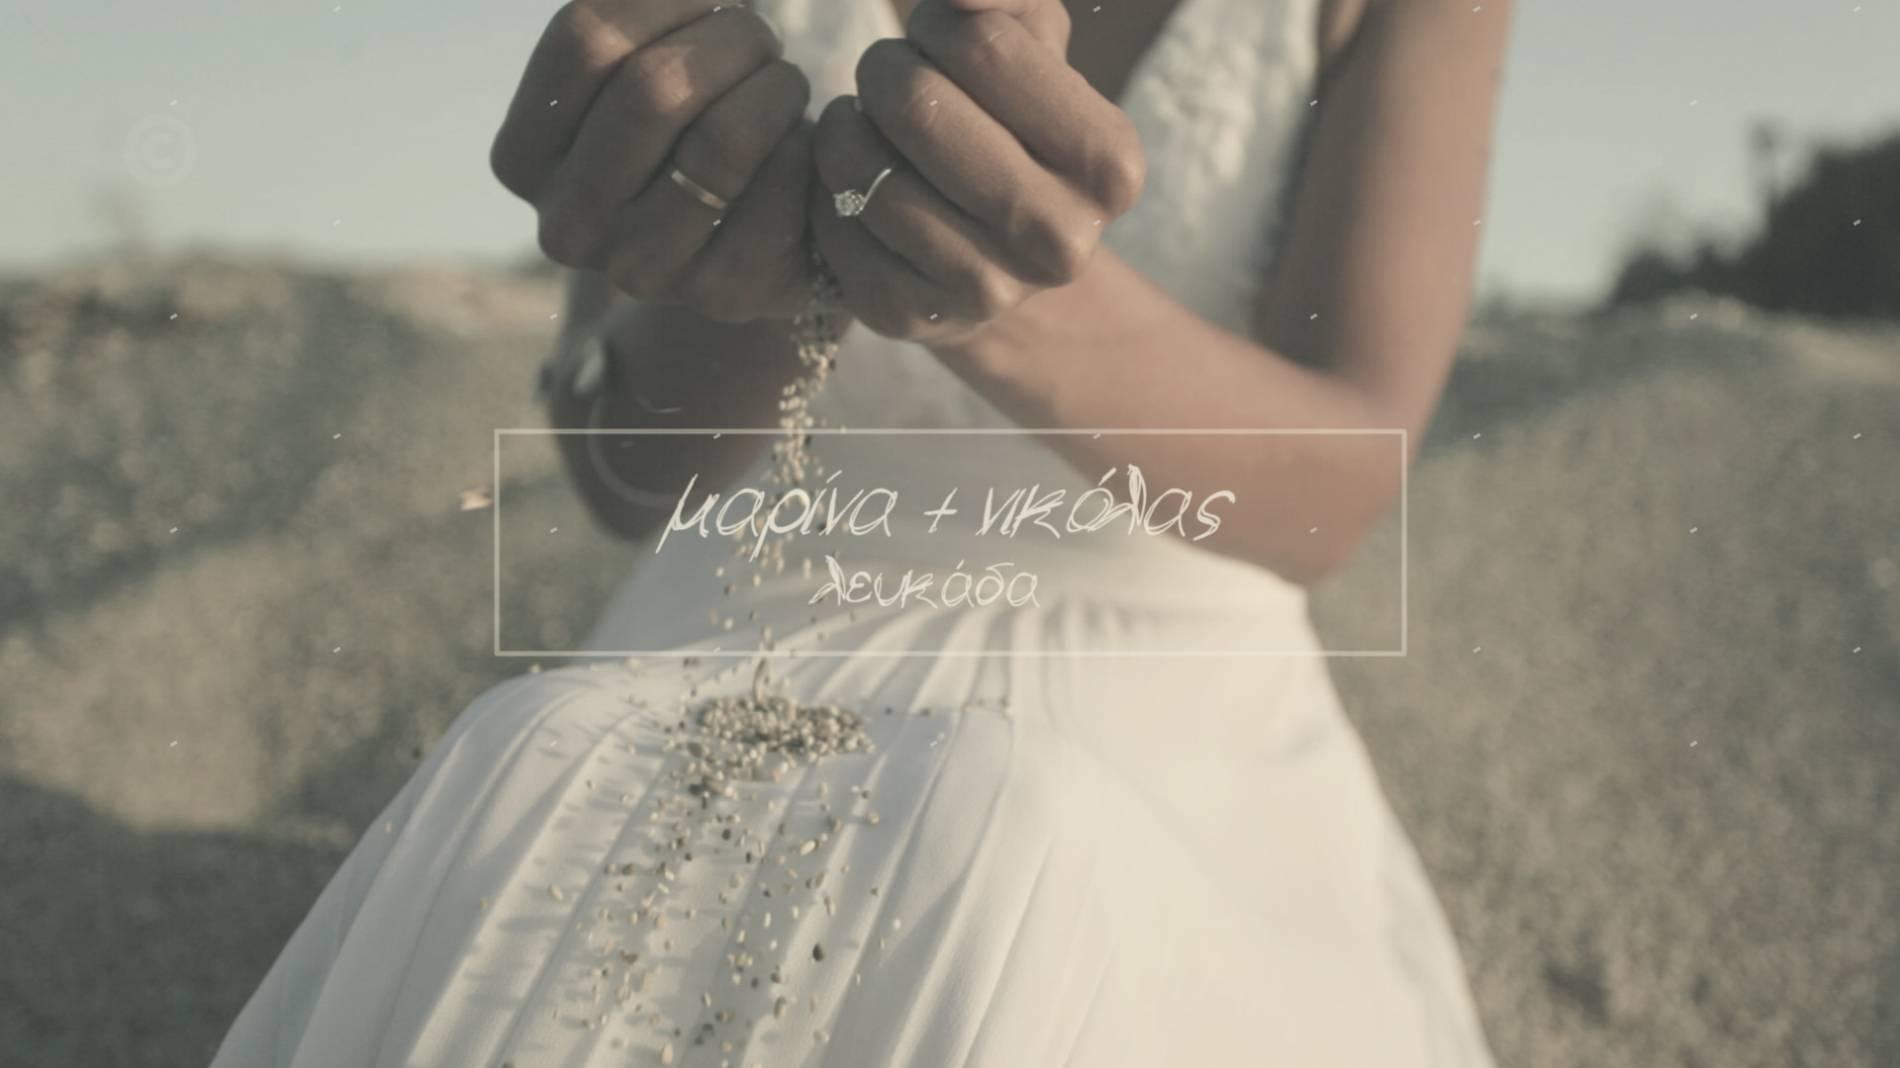 βίντεο γάμου στη Λευκάδα | unique wedding teaser trailer